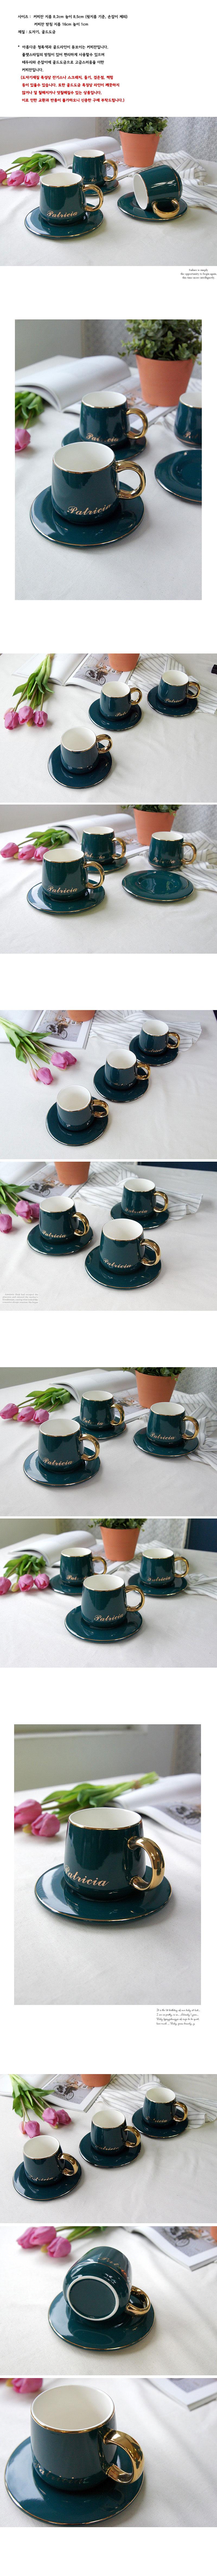 터키쉬 골드 커피잔 1인  1P - 안나하우스, 25,000원, 커피잔/찻잔, 커피잔/찻잔